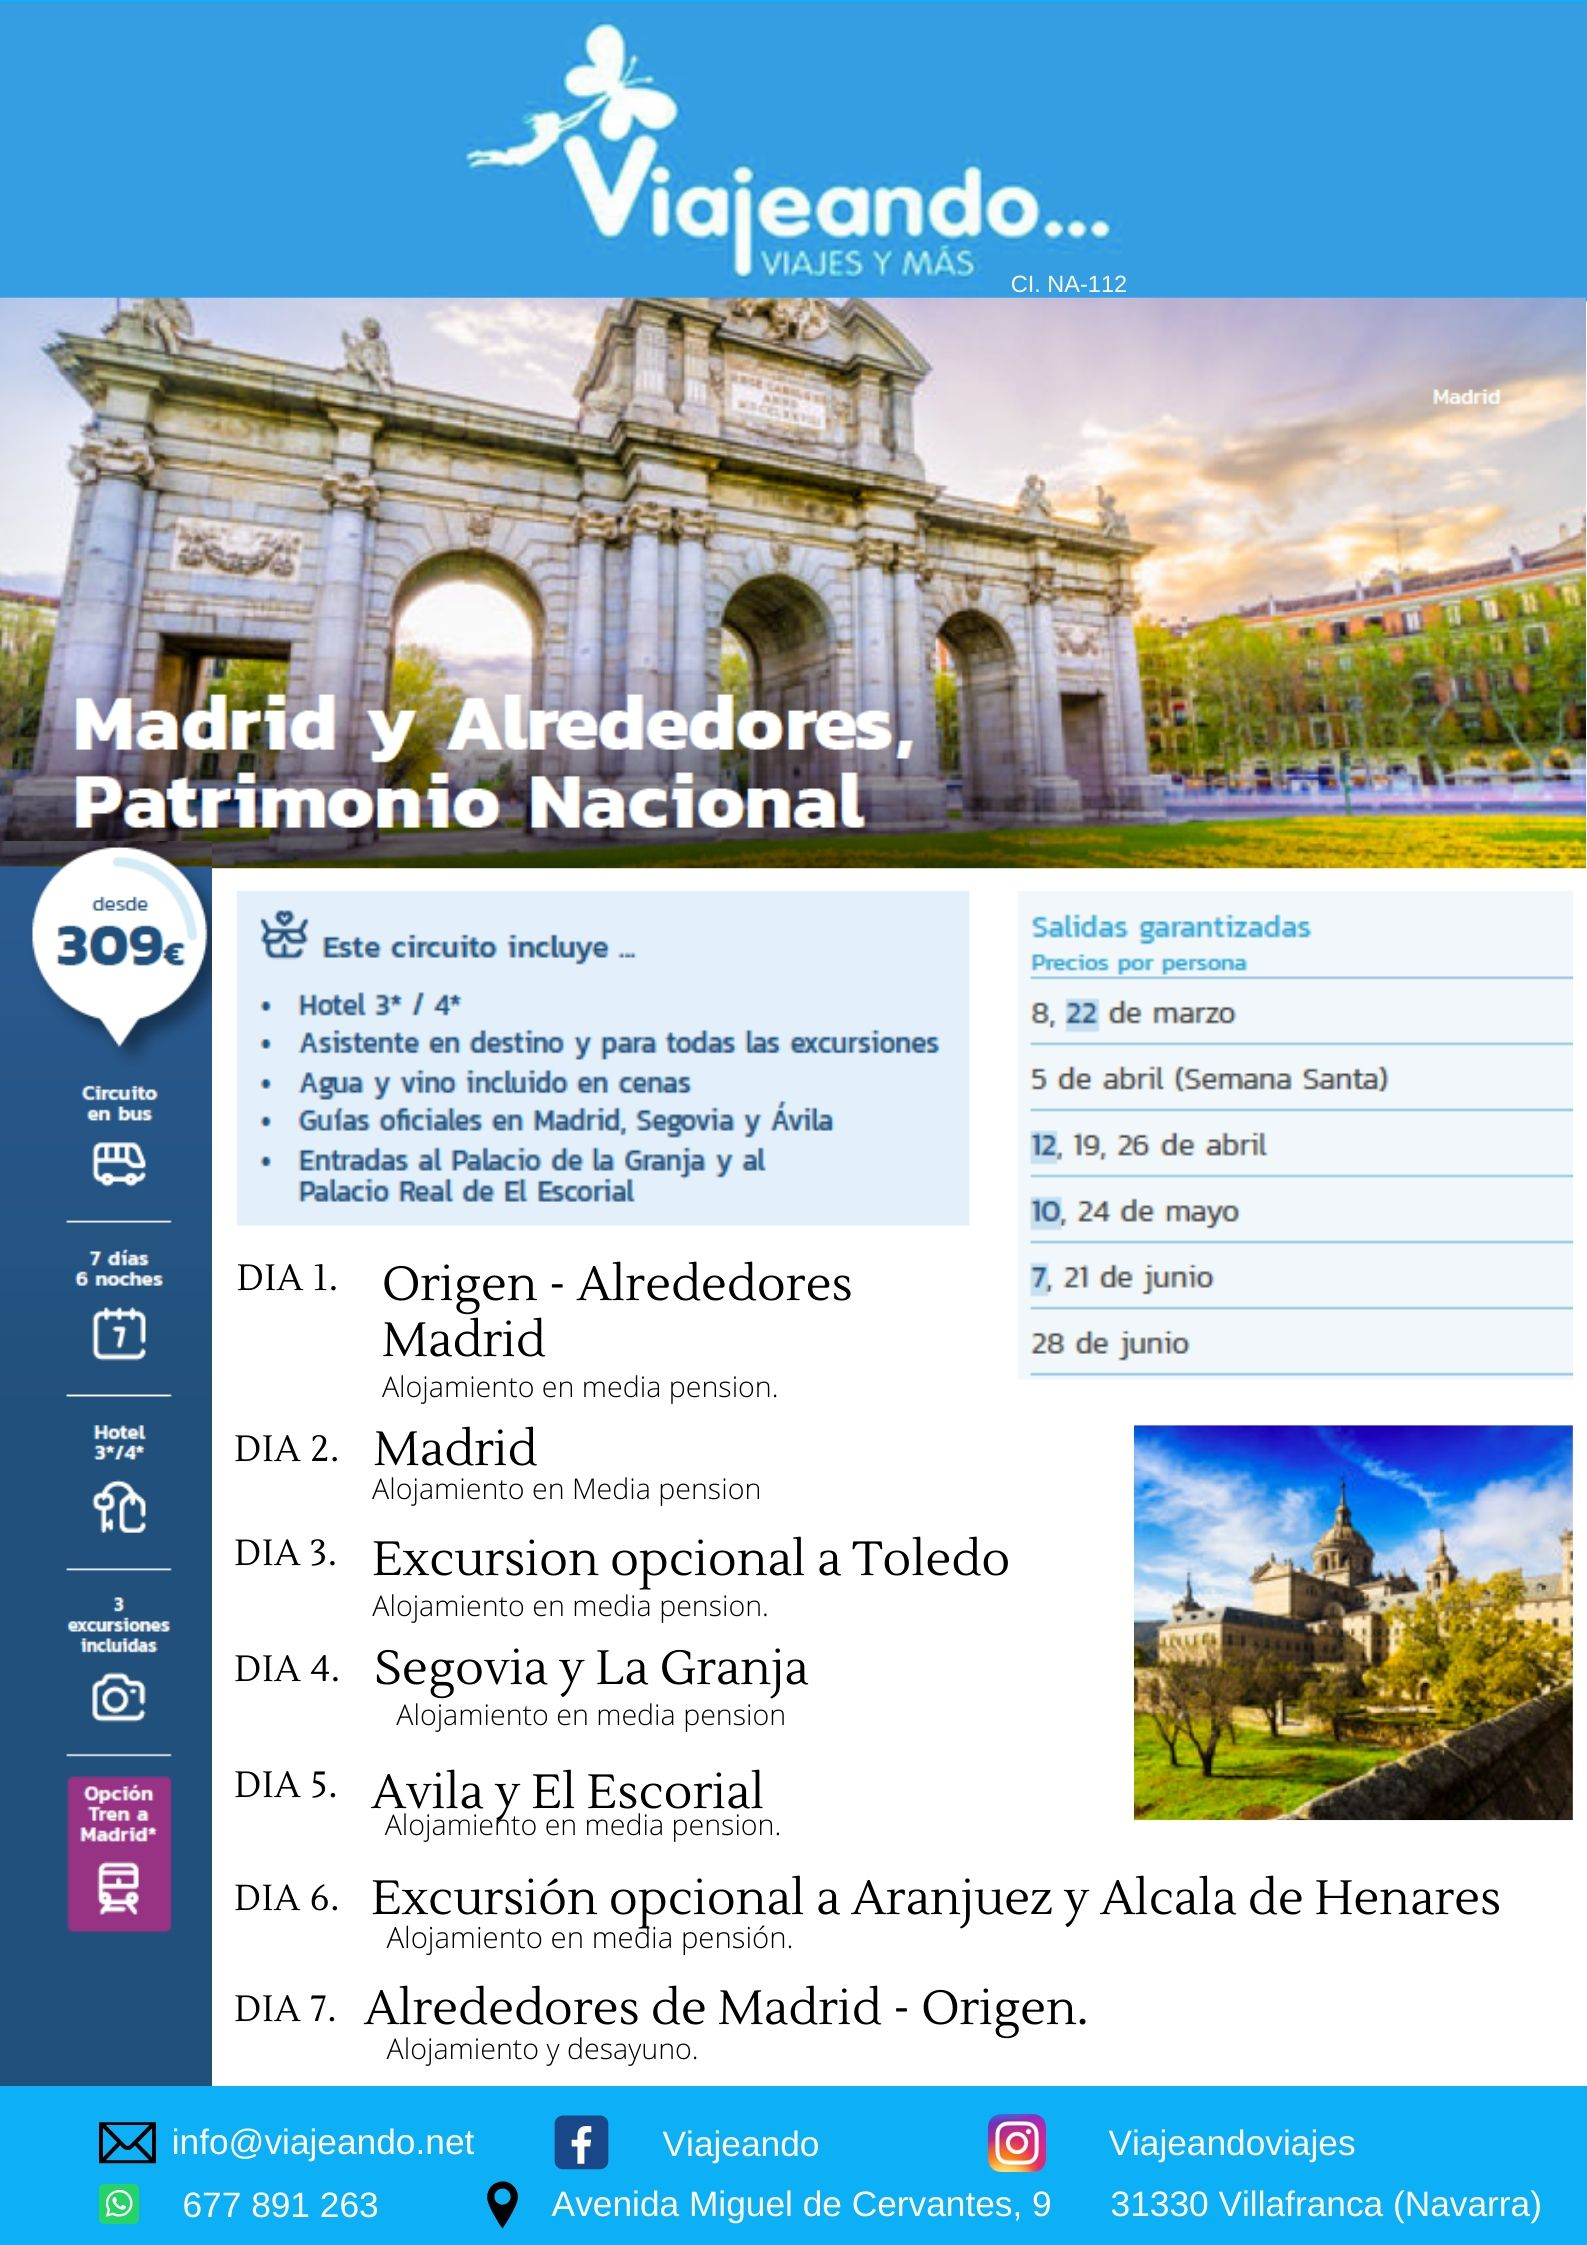 Madrid y Alrededores